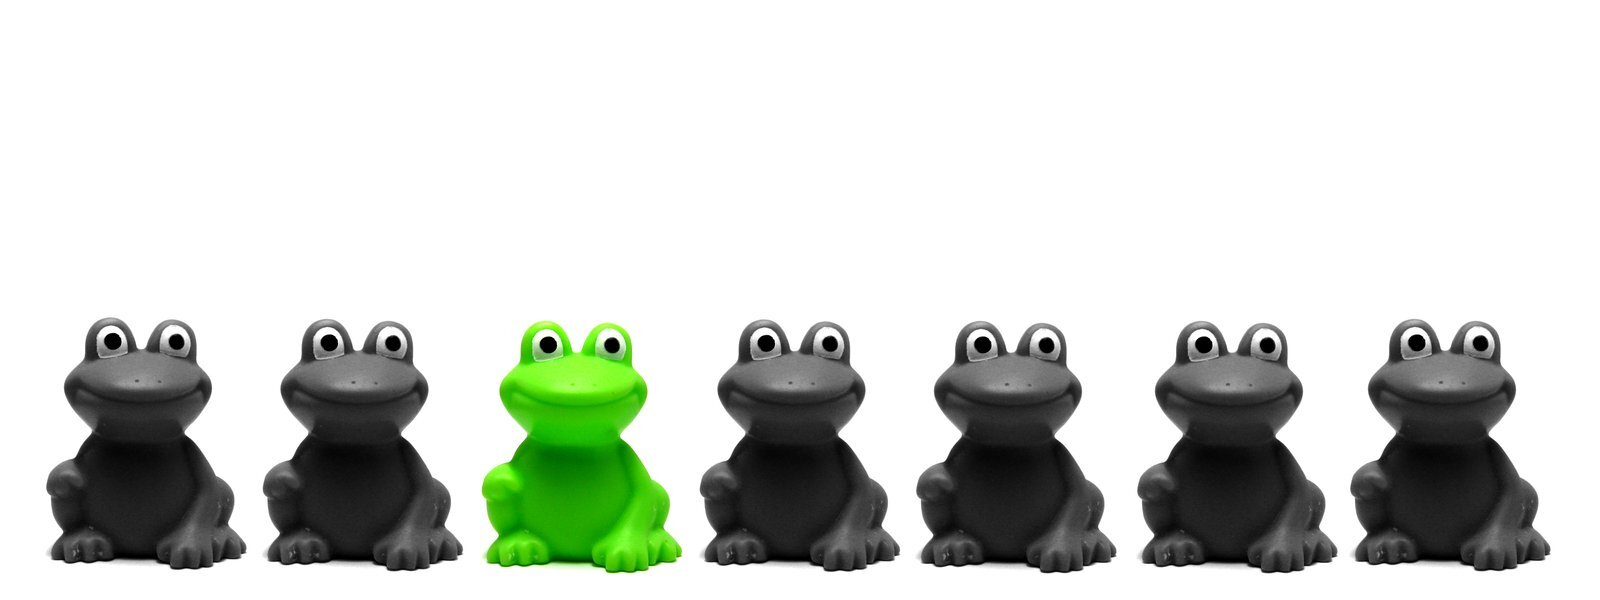 Sammakoita rivissä, yksi vihreä, muut mustia.